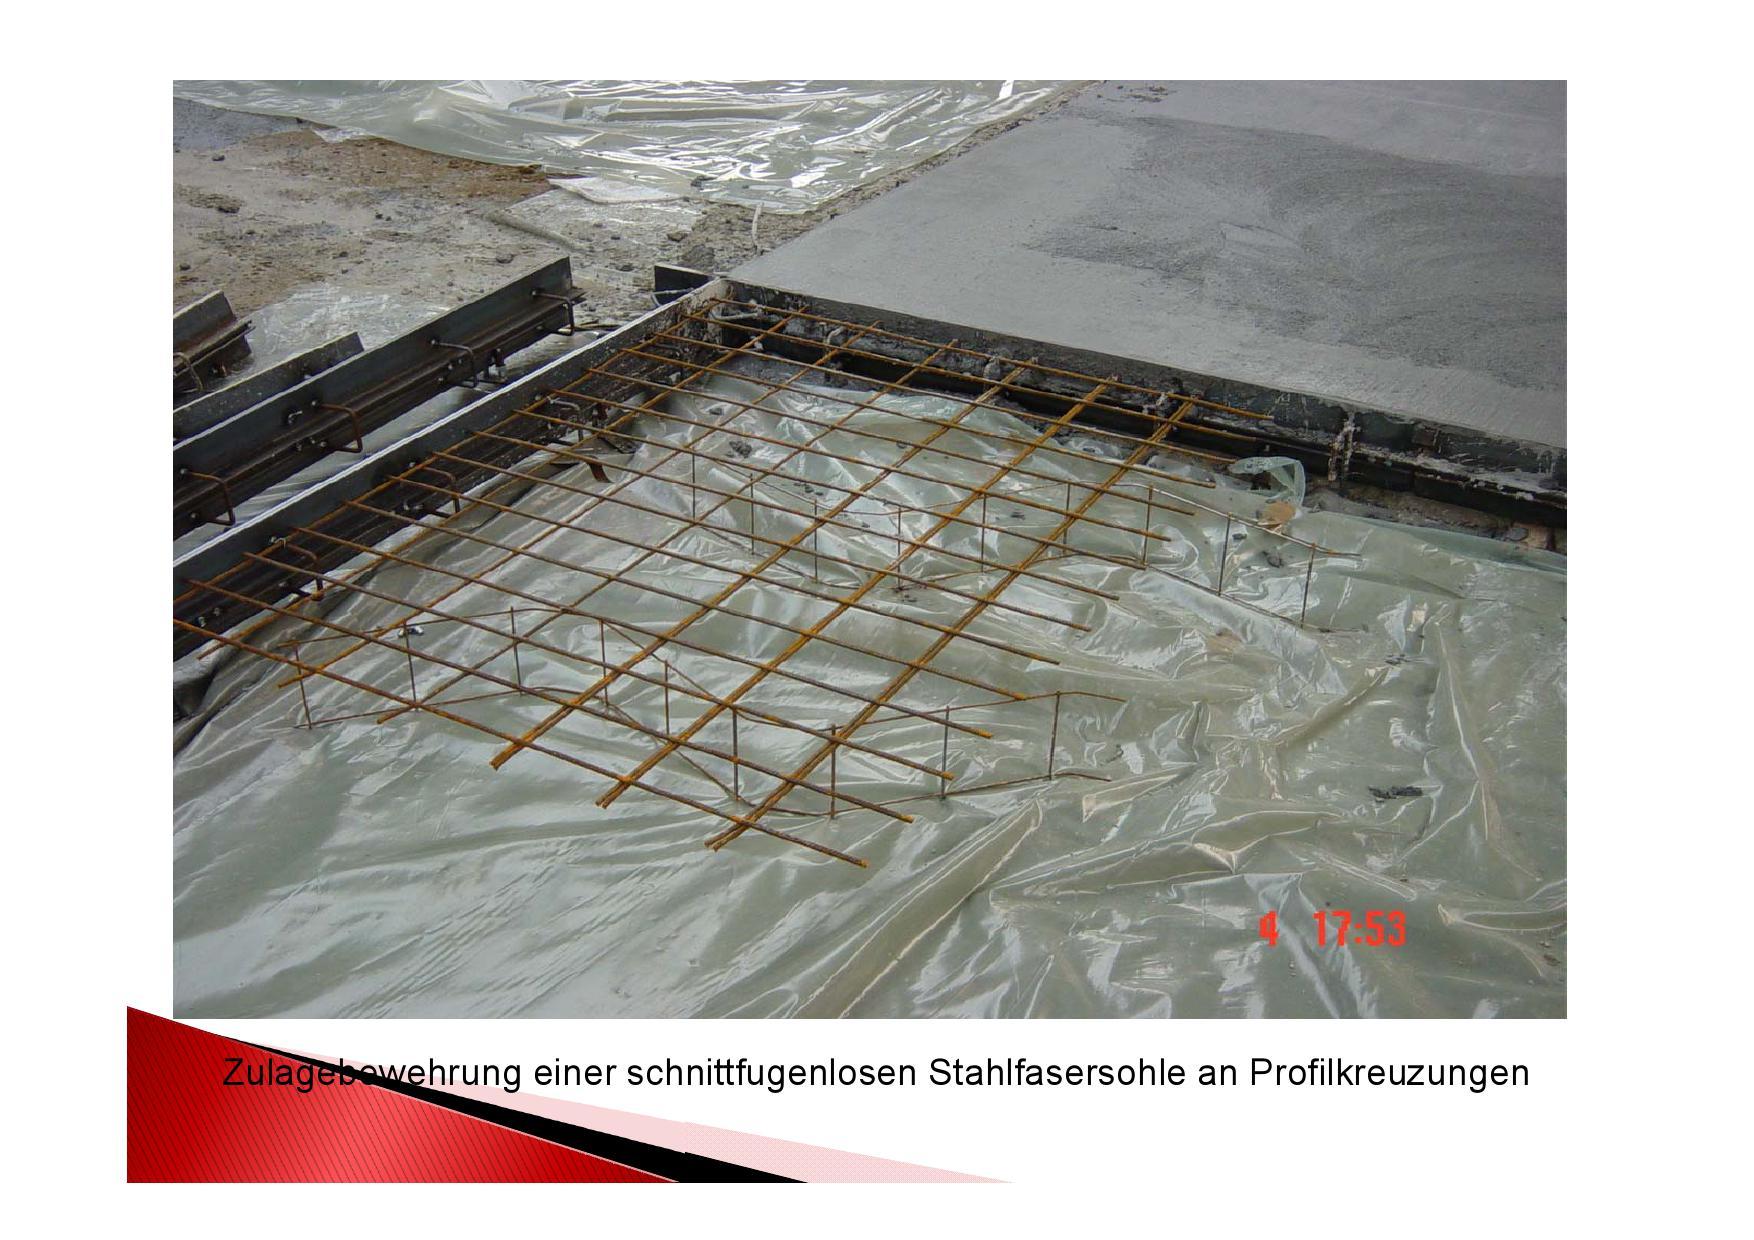 Zulagebewehrung einer schnittfugenlosen Stahlfasersohle an Profilkreuzungen